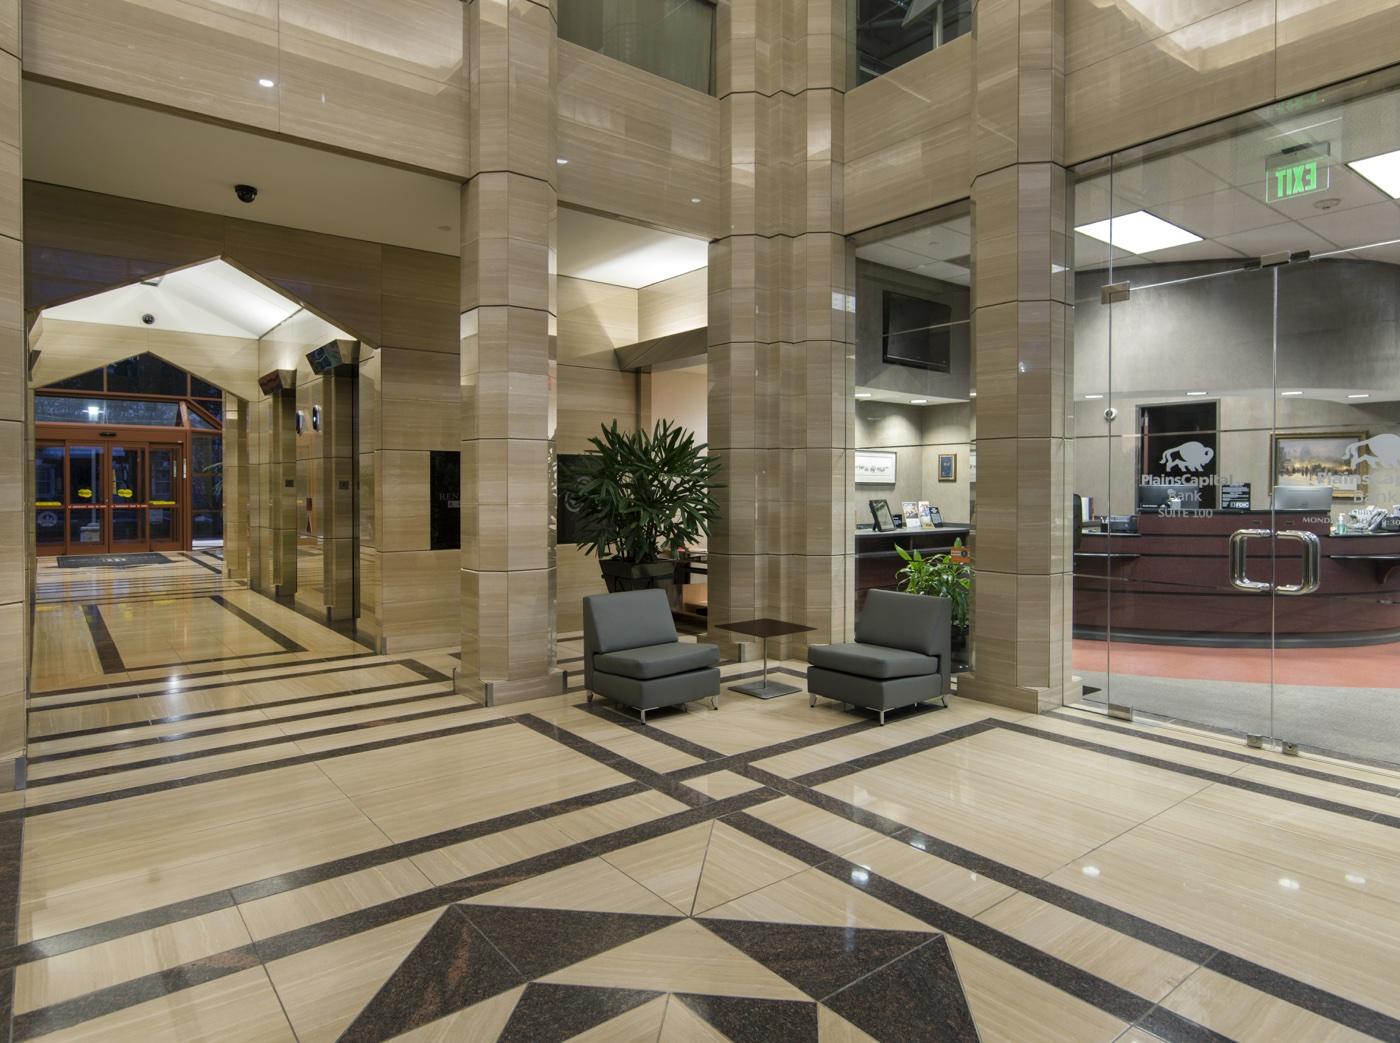 Property Renaissance Plaza Sirell Properties